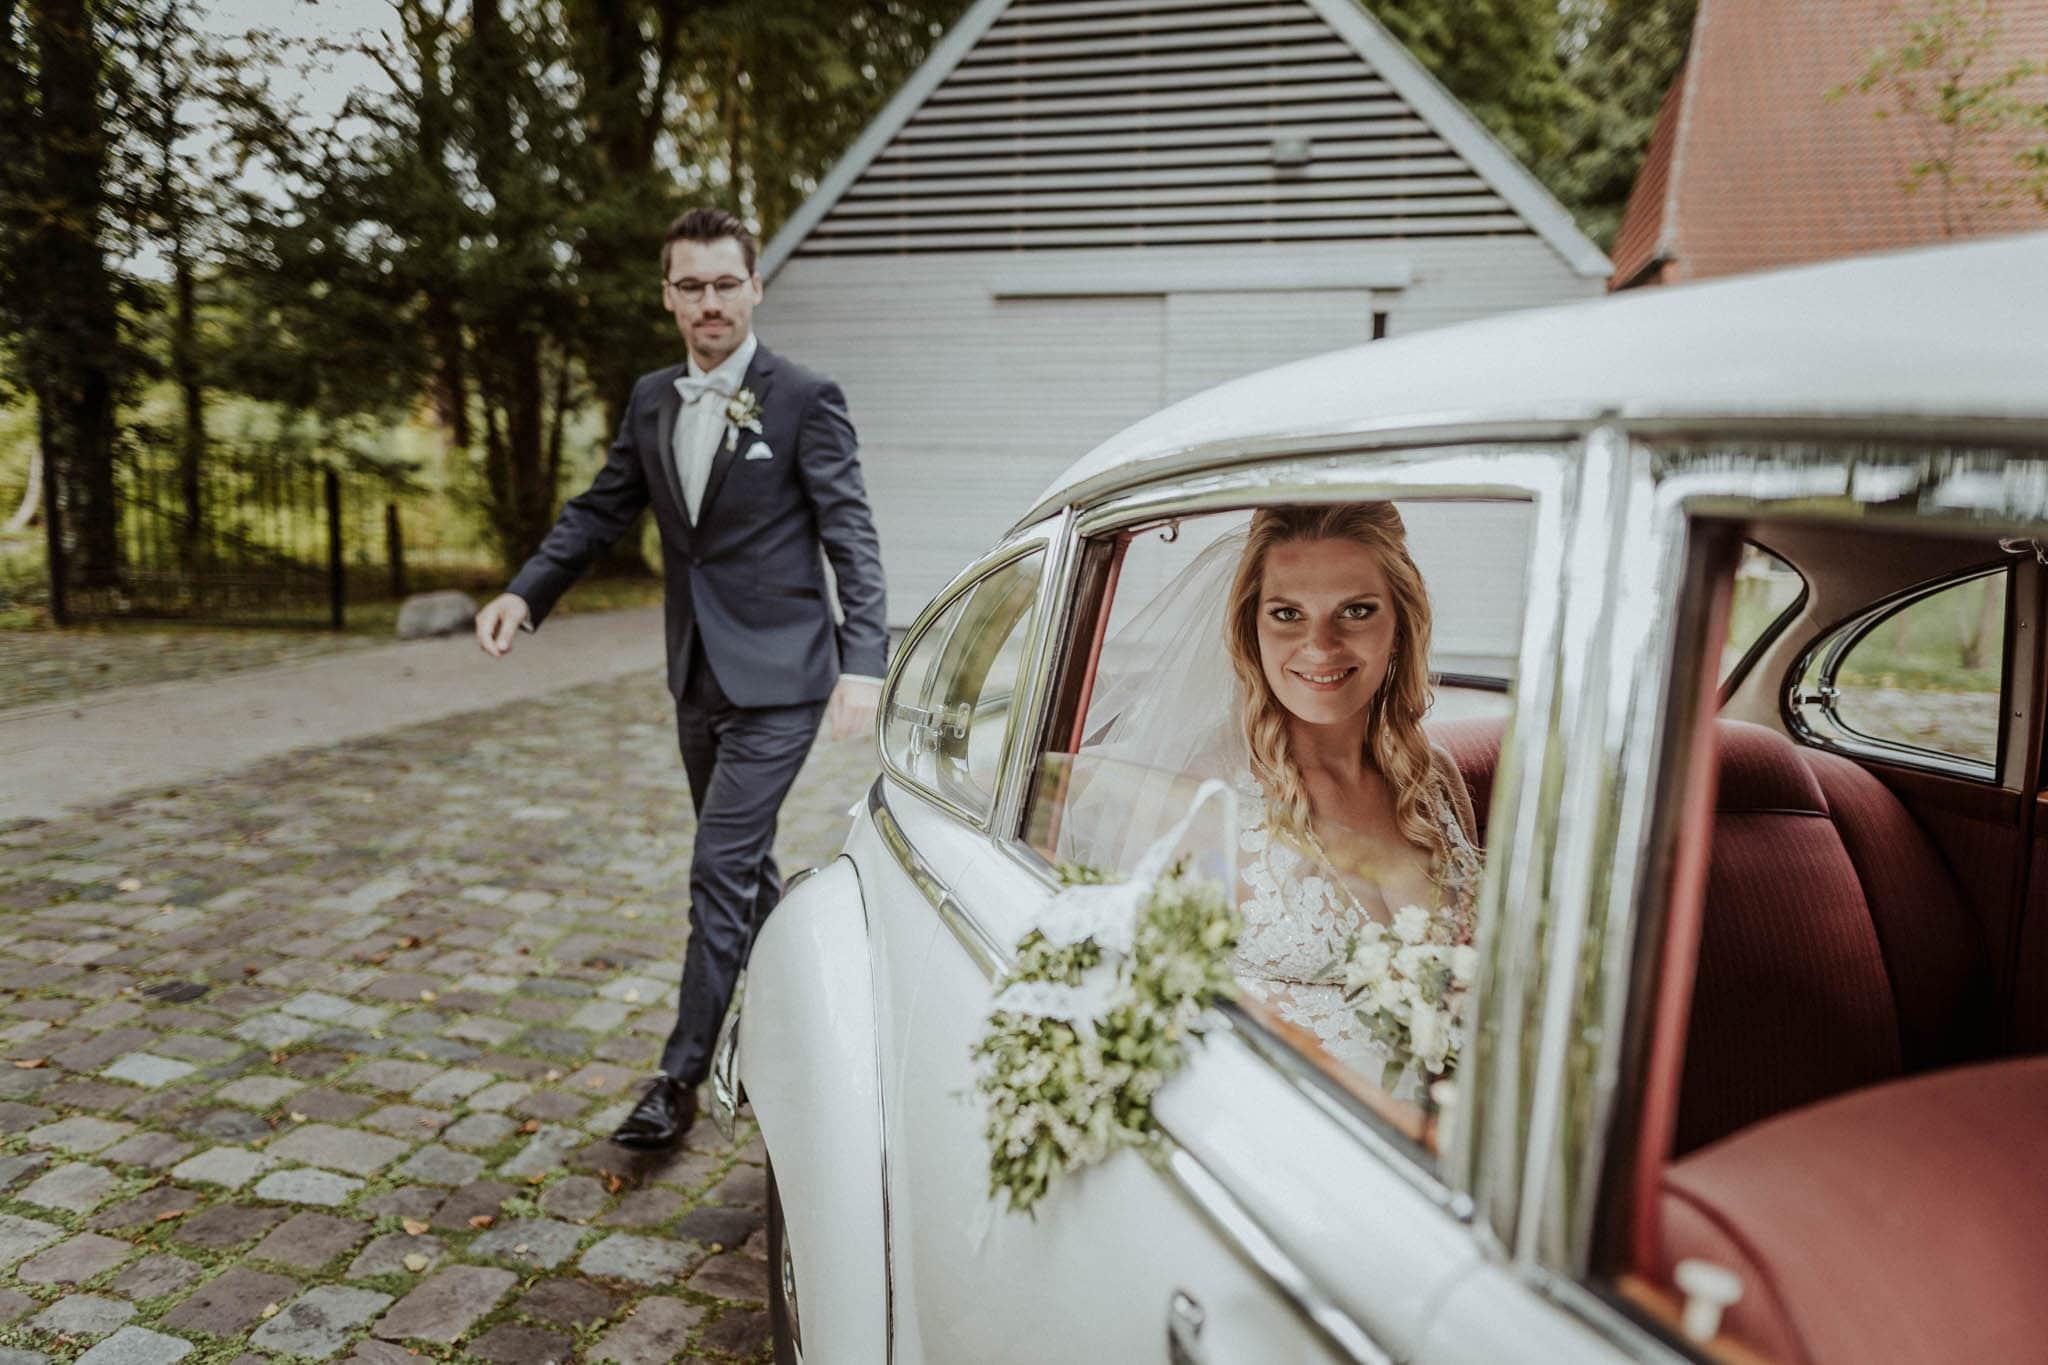 Hochzeitsfieber by Photo-Schomburg, Hochzeitsfotograf, Hamburg, Bremen, Hochzeitstag, Hochzeitspaar, Braut, Bräutigam, Bremen-Kränholm,Knoops Park-135